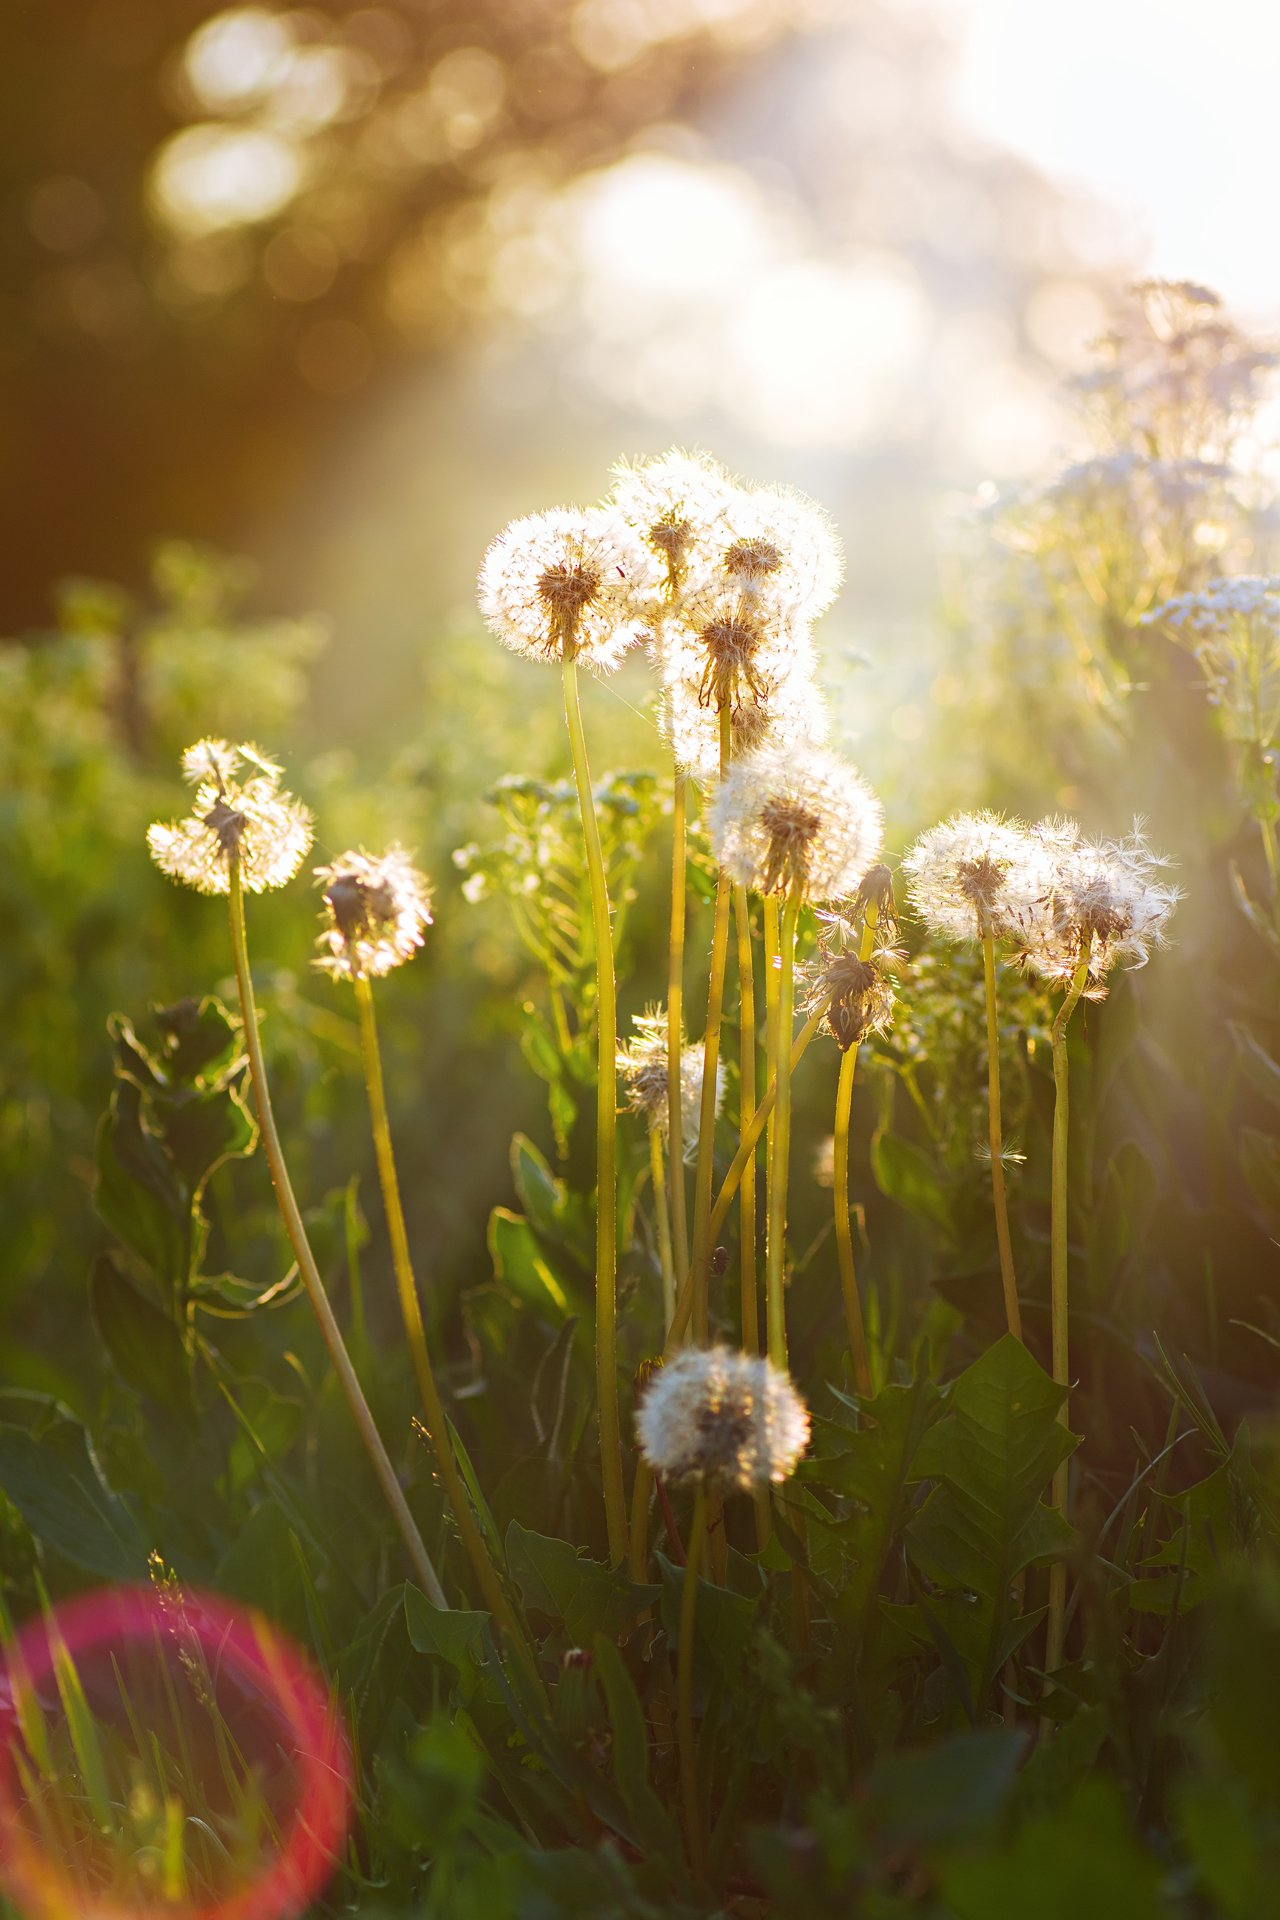 цветы,солнце,лучи,листья,трава,желтый,голубой, Котов Юрий